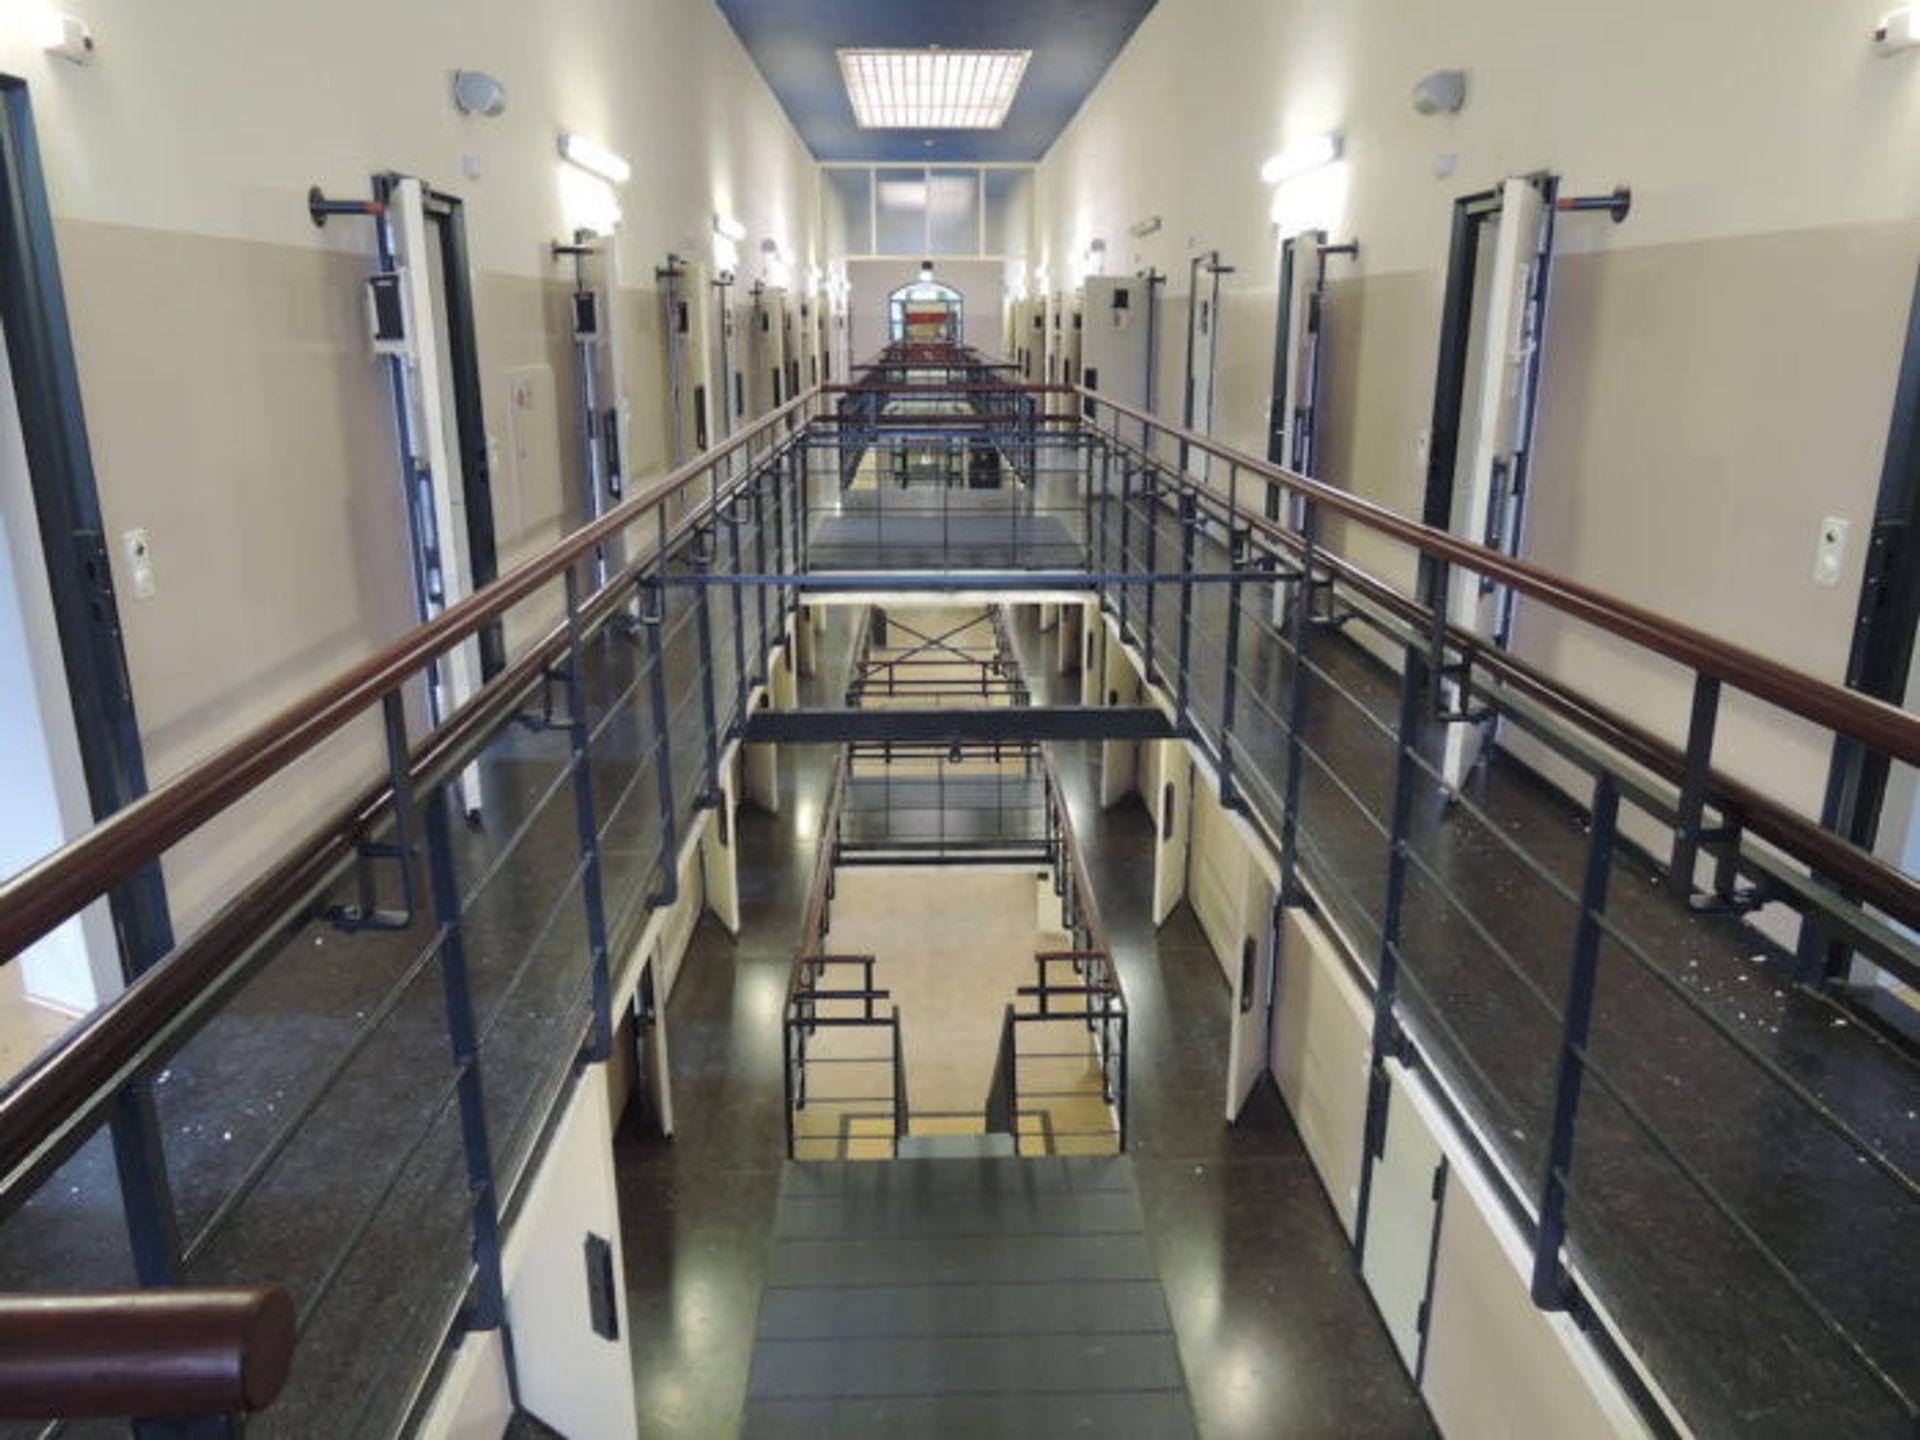 Misdaadverslaggever Vico Olling over ontsnapte gevangenen in Nederland